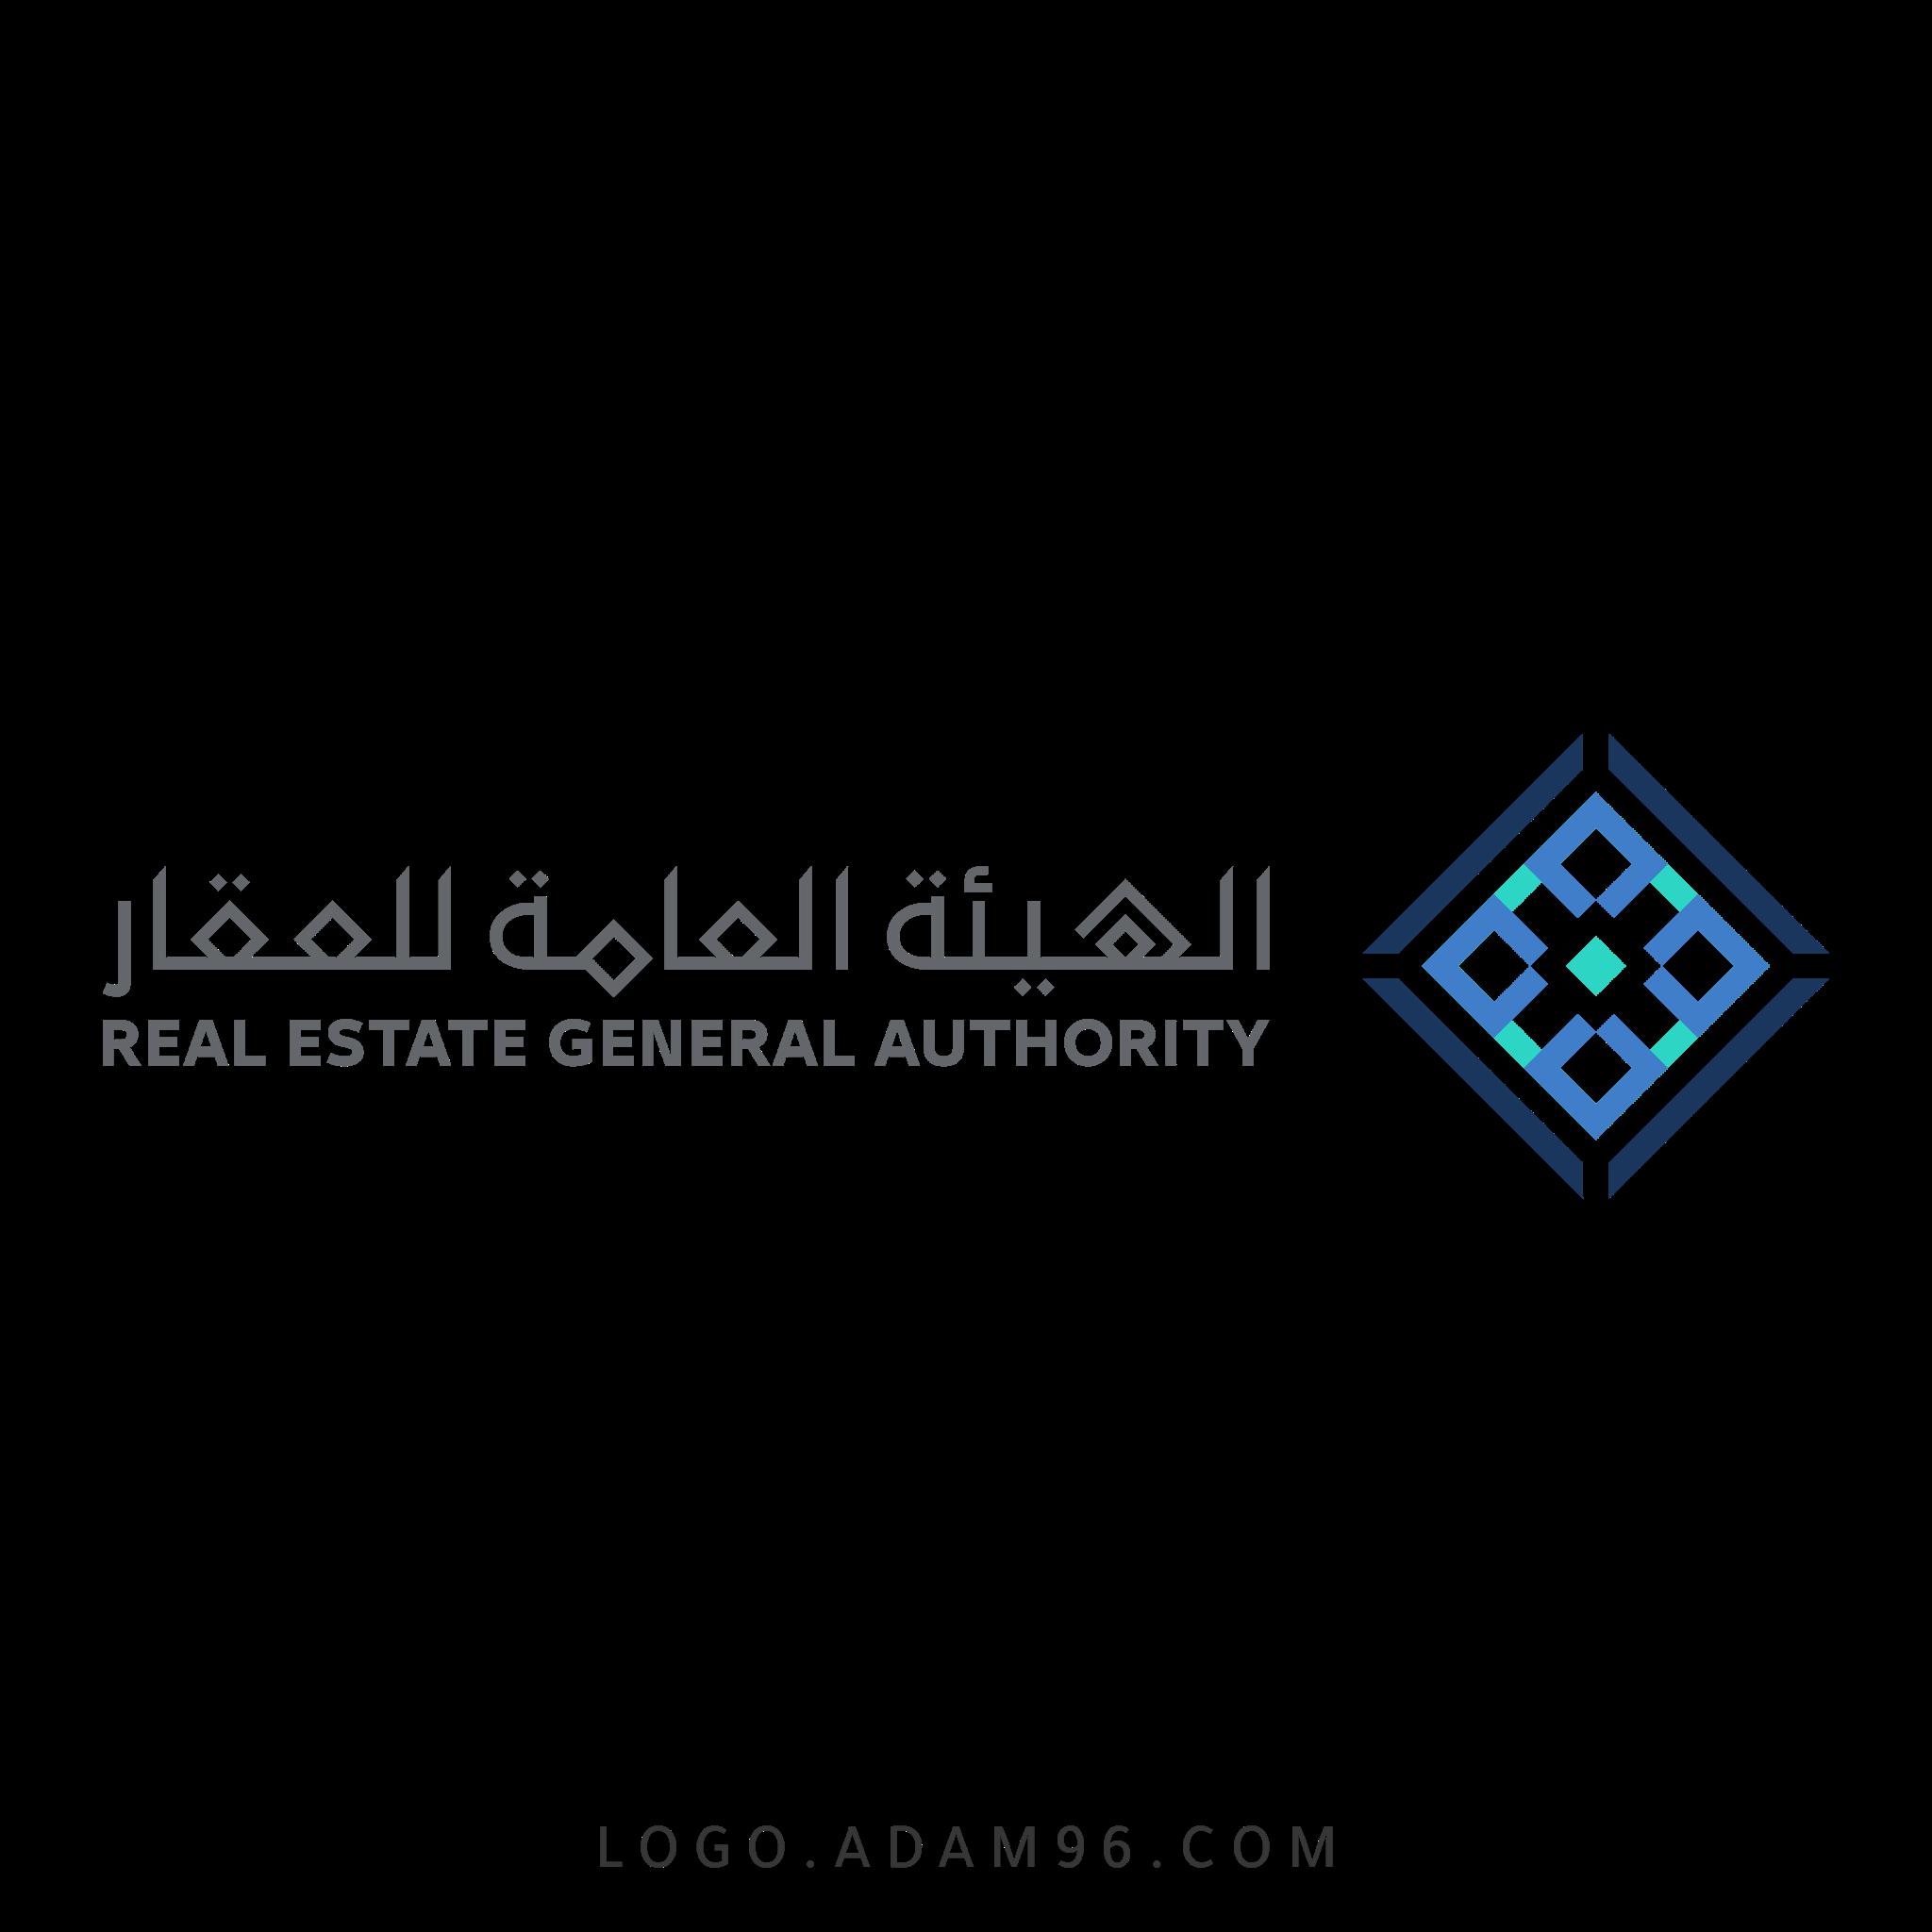 تحميل شعار الهيئة العامة للعقار السعودية لوجو رسمي بصيغة شفافة PNG